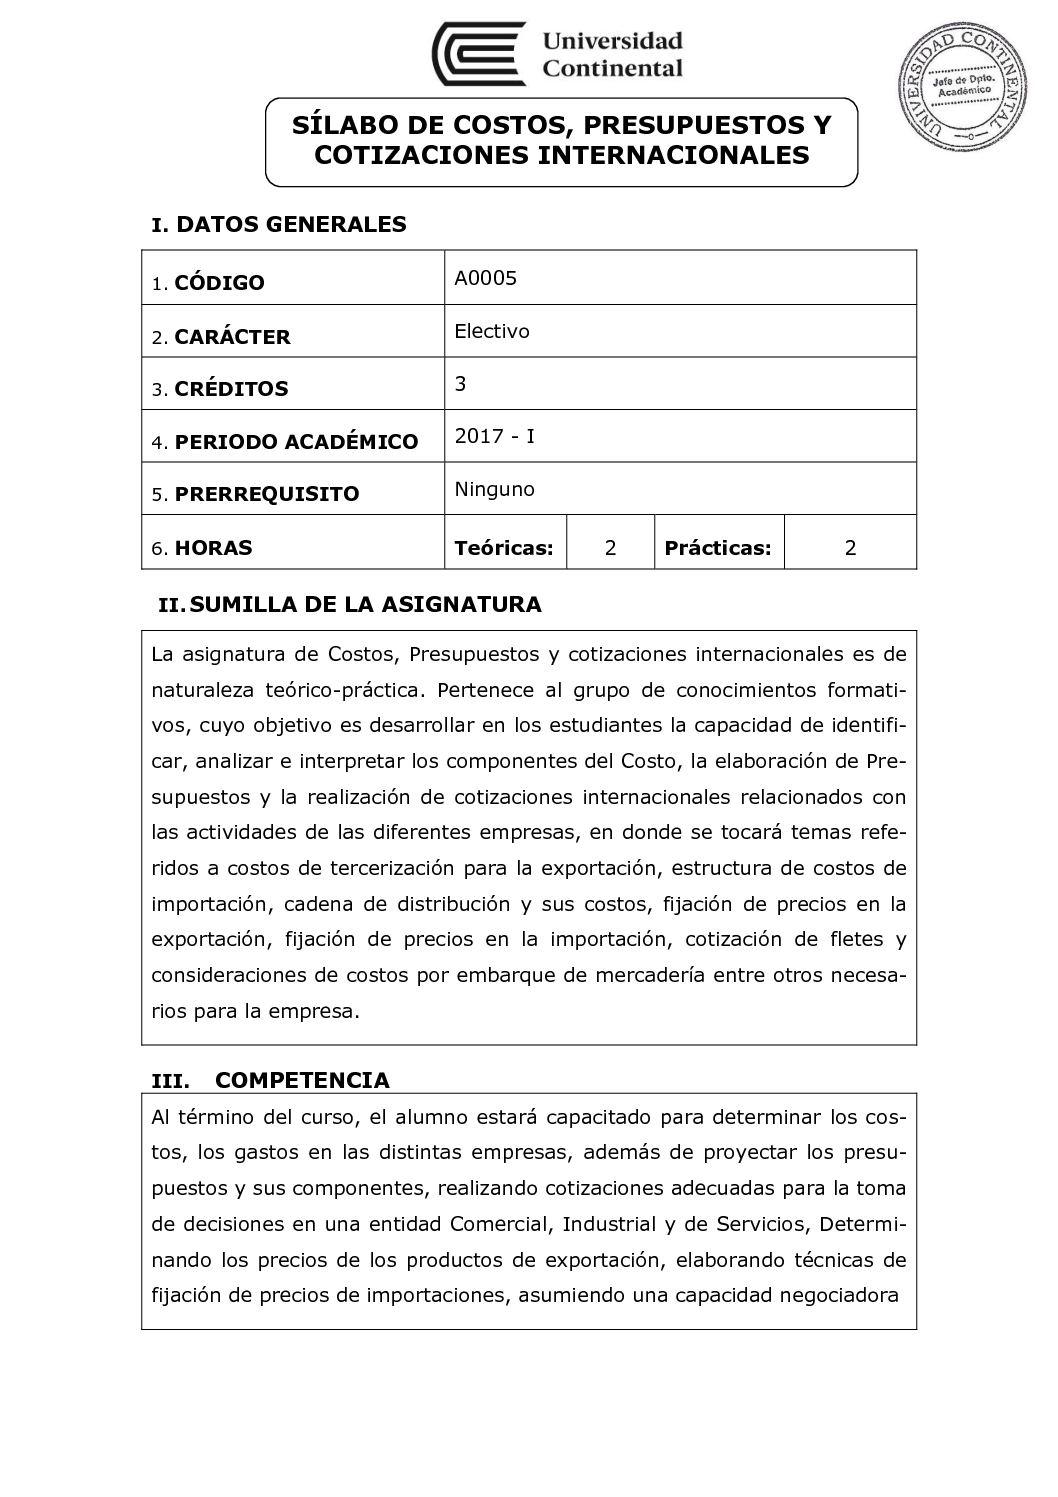 Calaméo - A0005 Silabo Costos Presupuestos Y Cotizaciones Internacionales